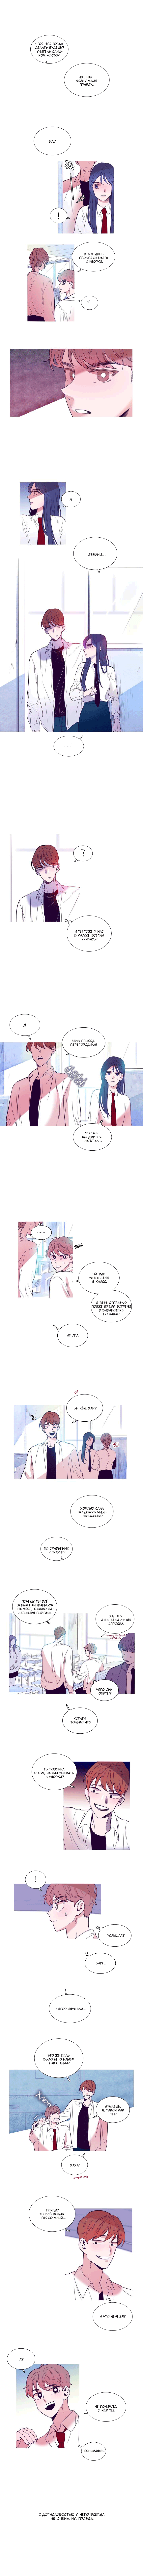 https://r2.ninemanga.com/comics/pic3/35/34723/1314940/1550321773817.png Page 2